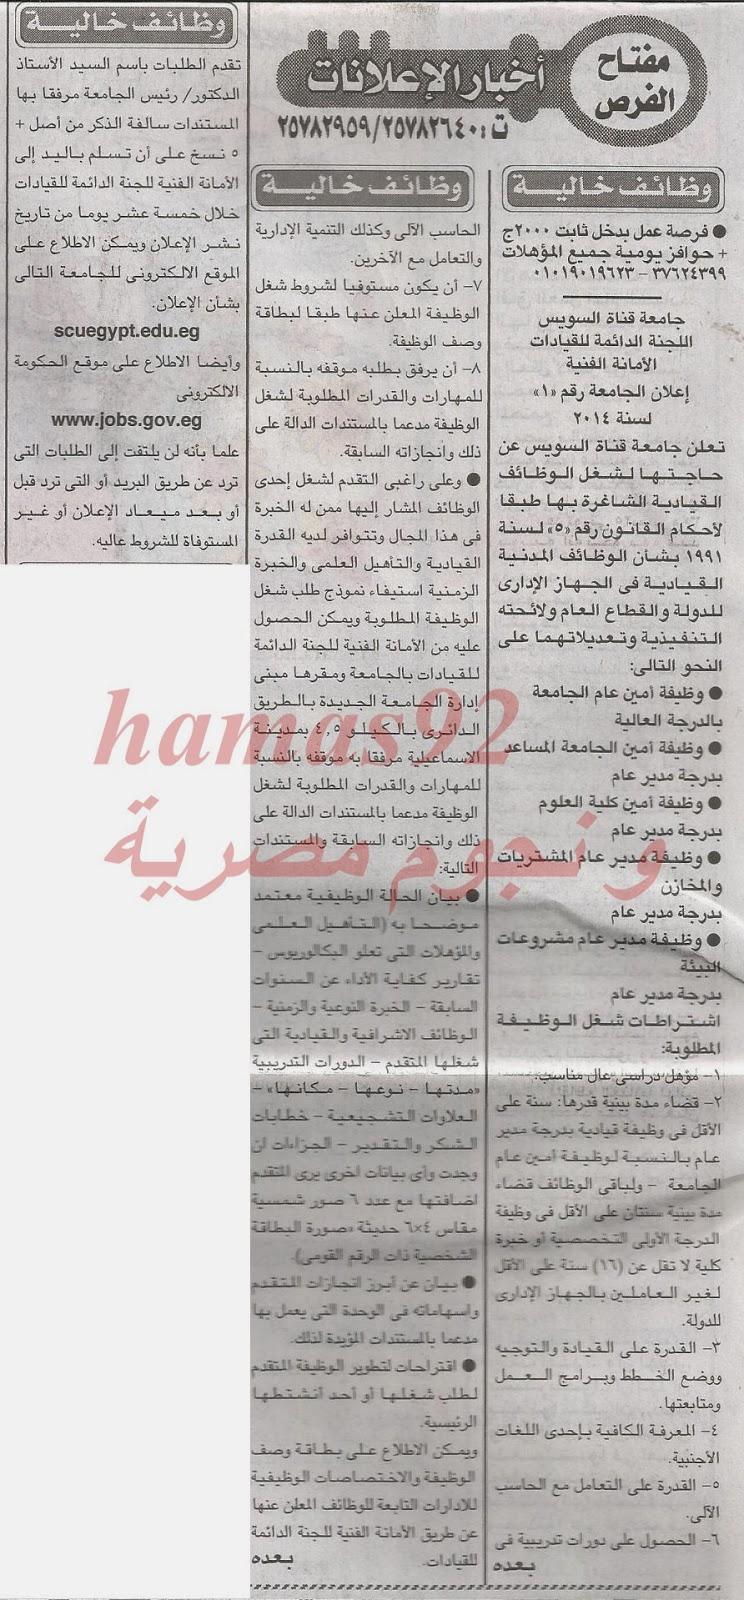 وظائف جريدة الاخبار اليوم الاربعاء 15-01-2014 , اعلانات وظائف خالية 15 يناير 2014